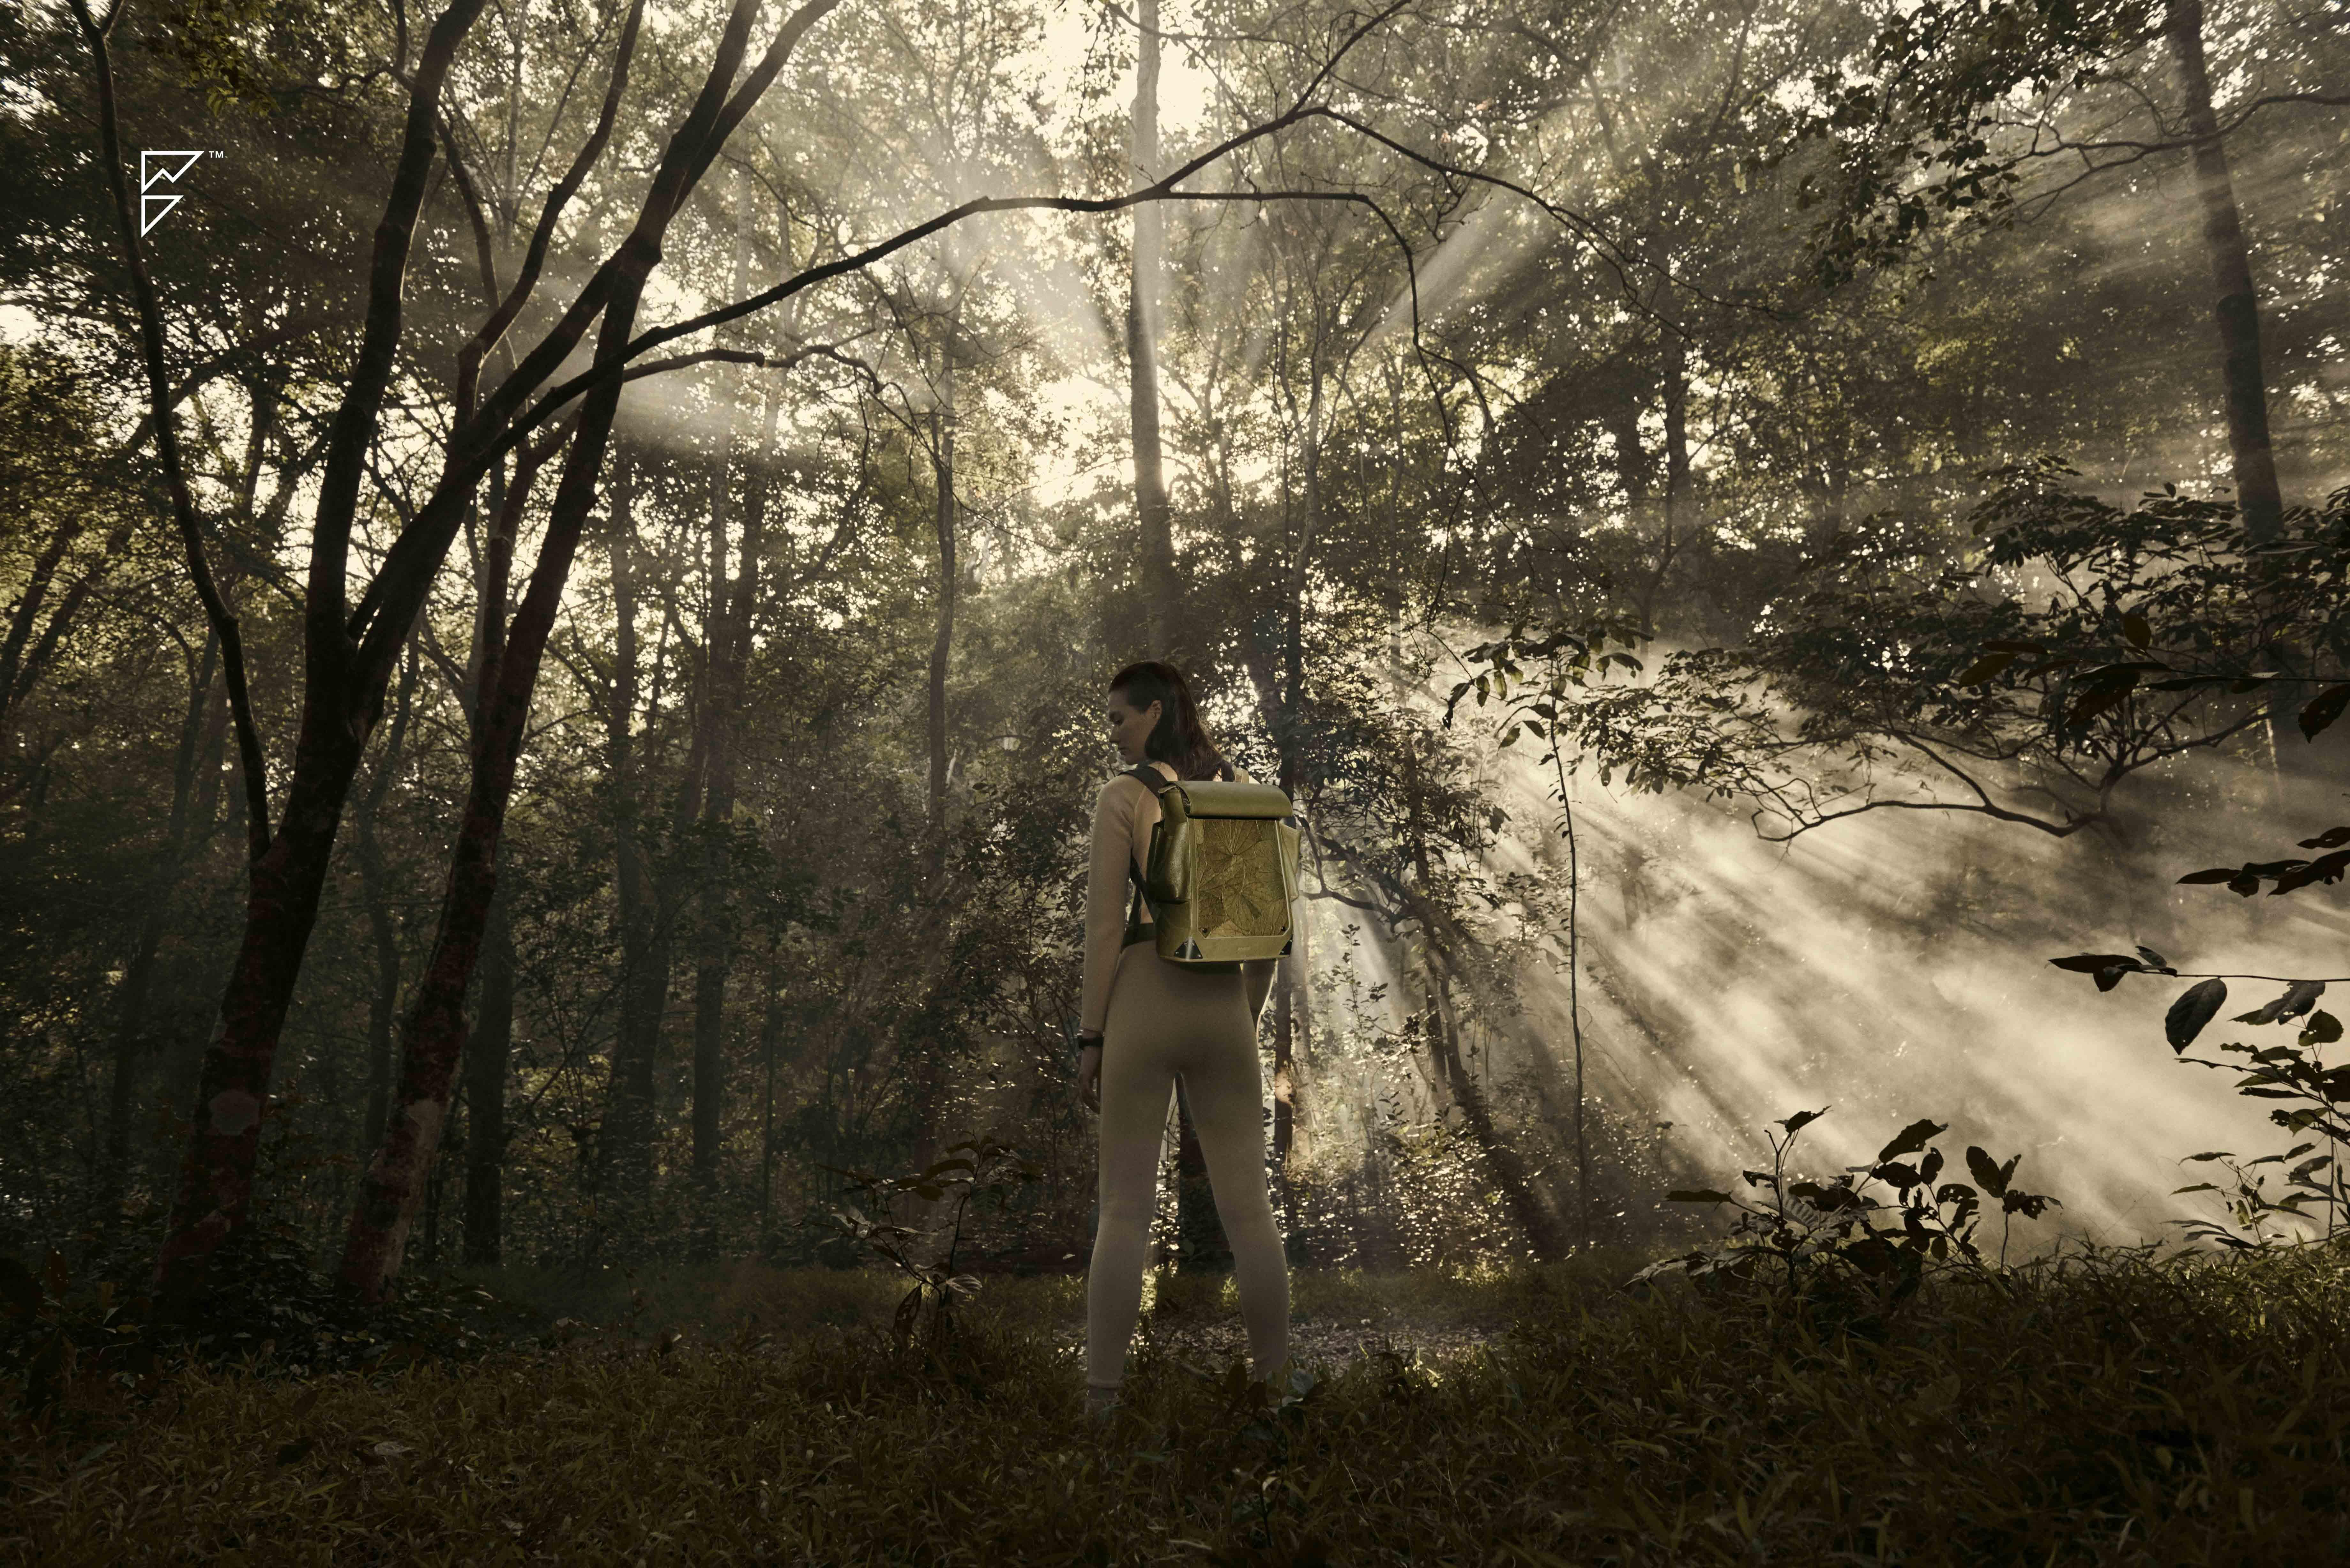 葉、木、石の素材を用いたニューコレクション「FORREST レザーバッグ」の発表